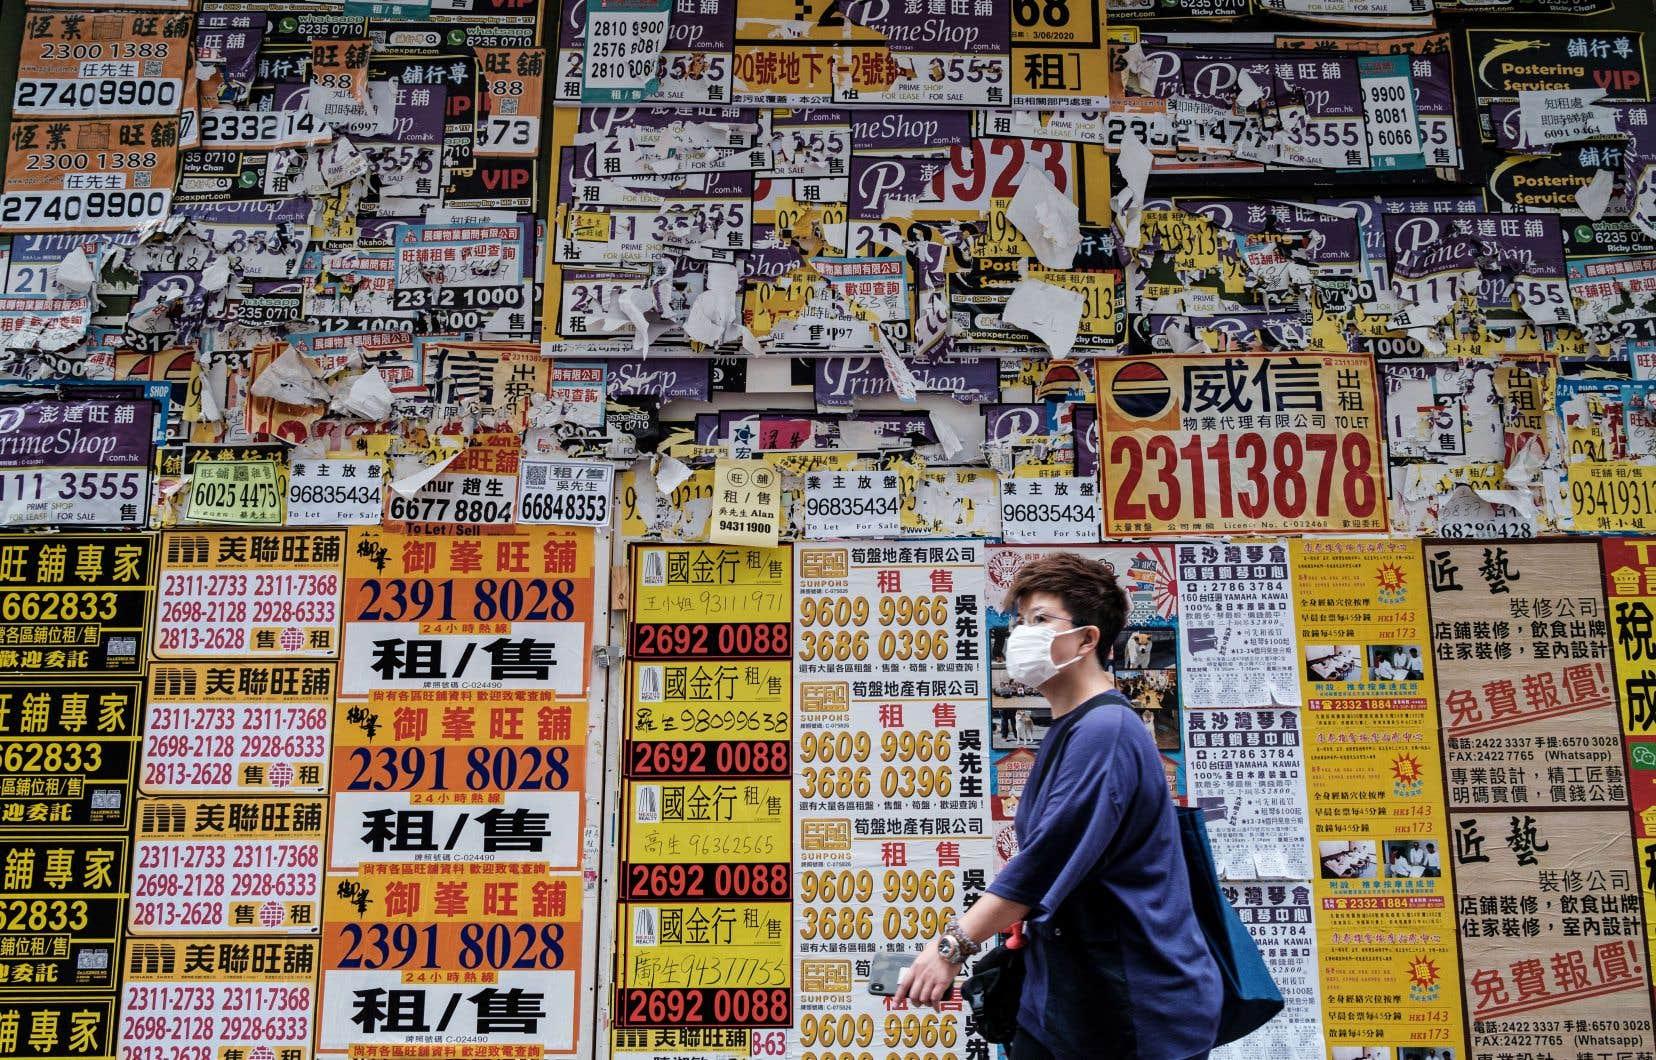 La promulgation par la Chine fin juin de la loi de sécurité nationale à Hong Kong a encore accéléré la dégradation de ses relations avec le Royaume-Uni.